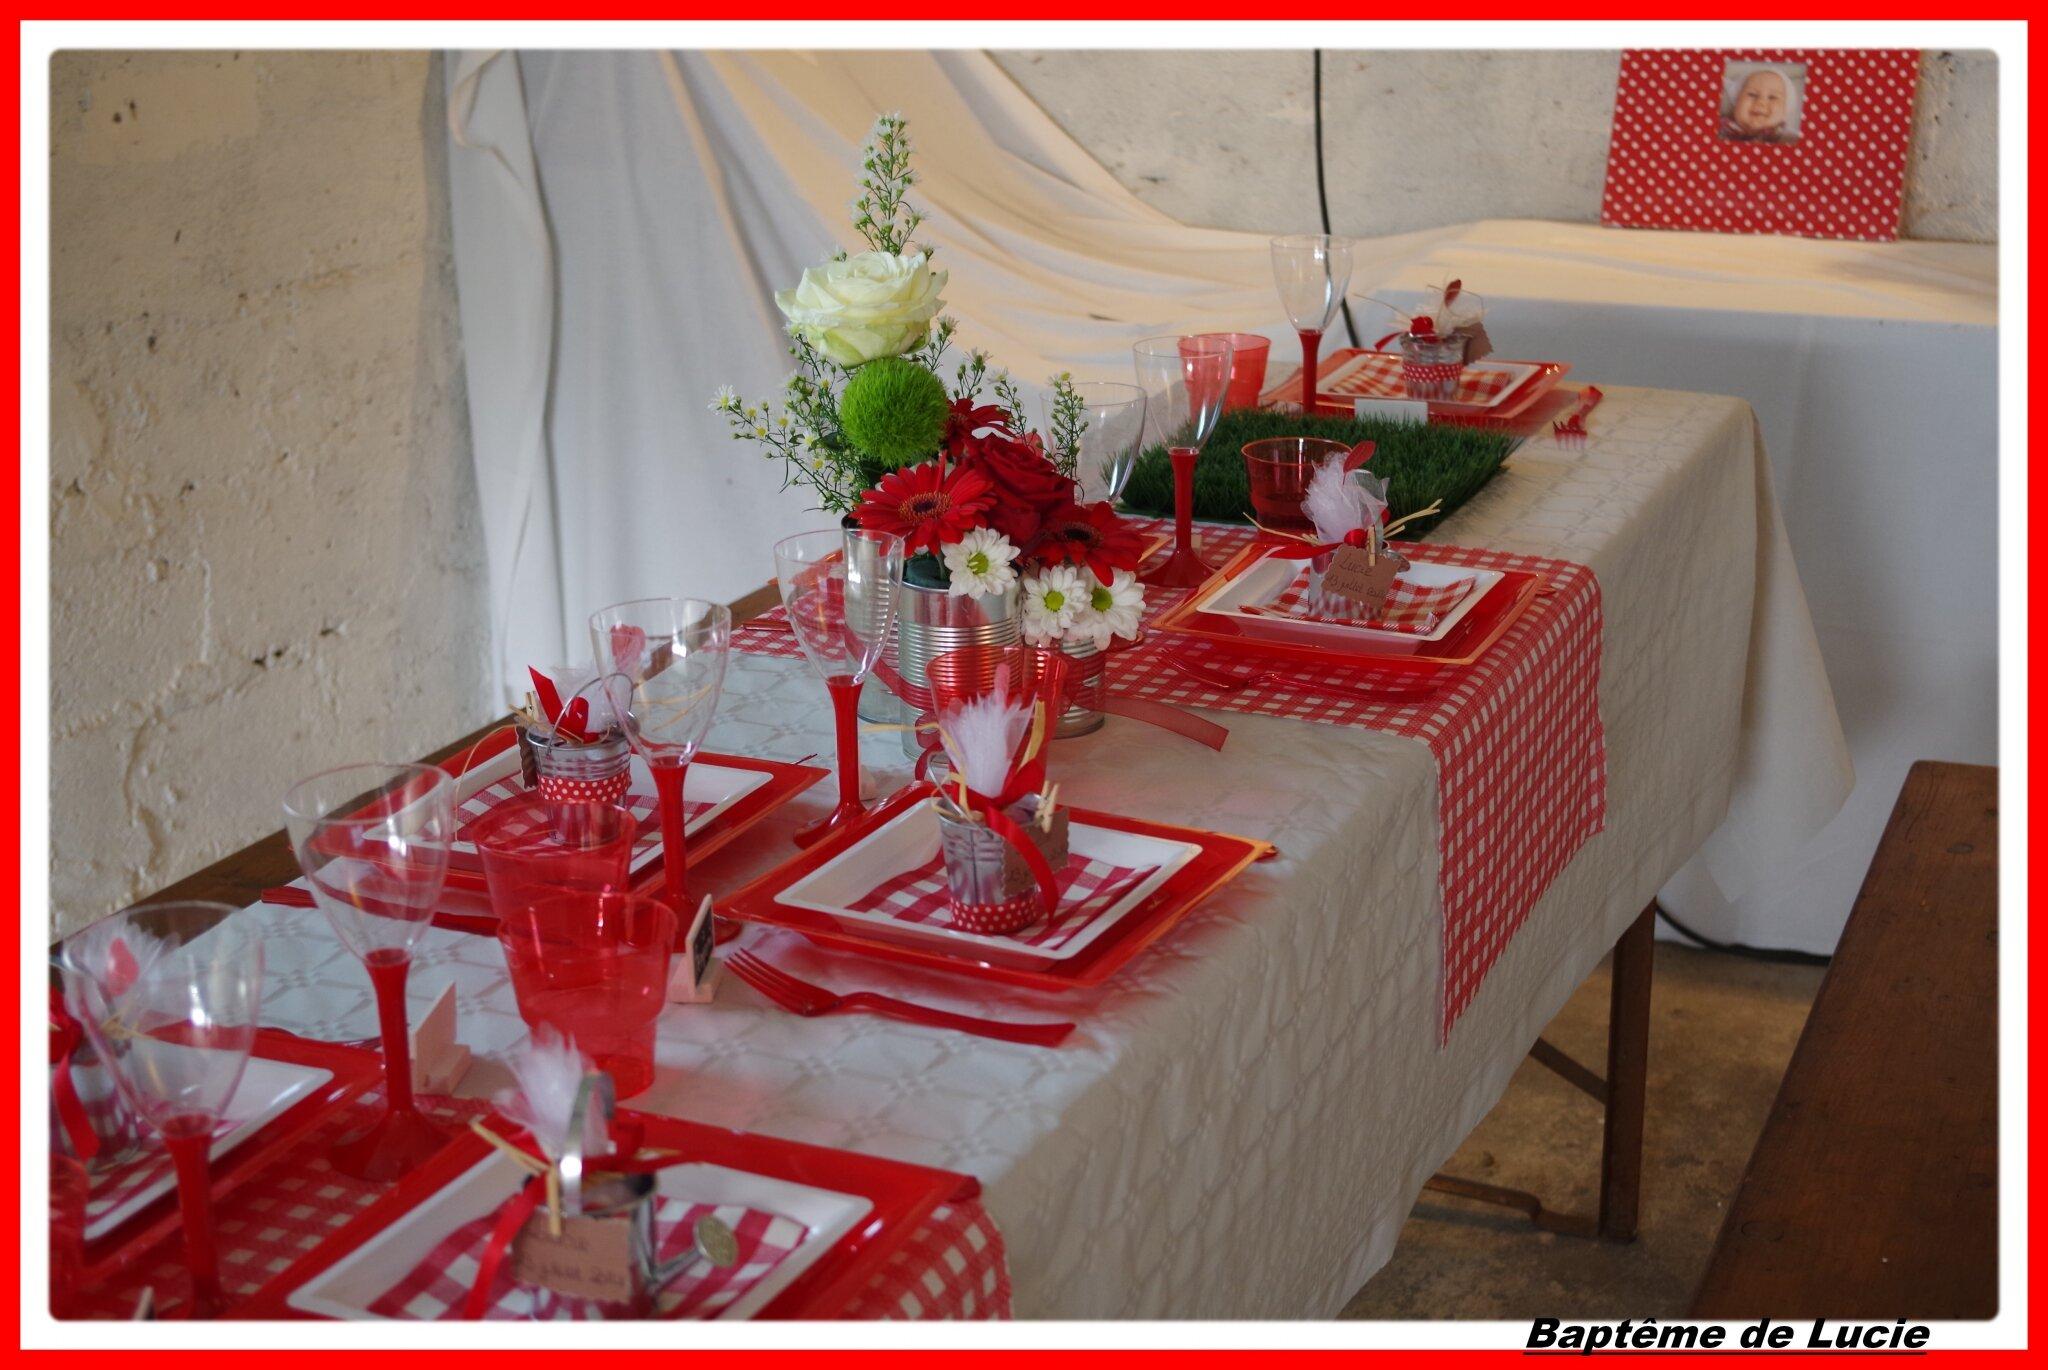 TABLE DU BAPTEME DE LUCIE